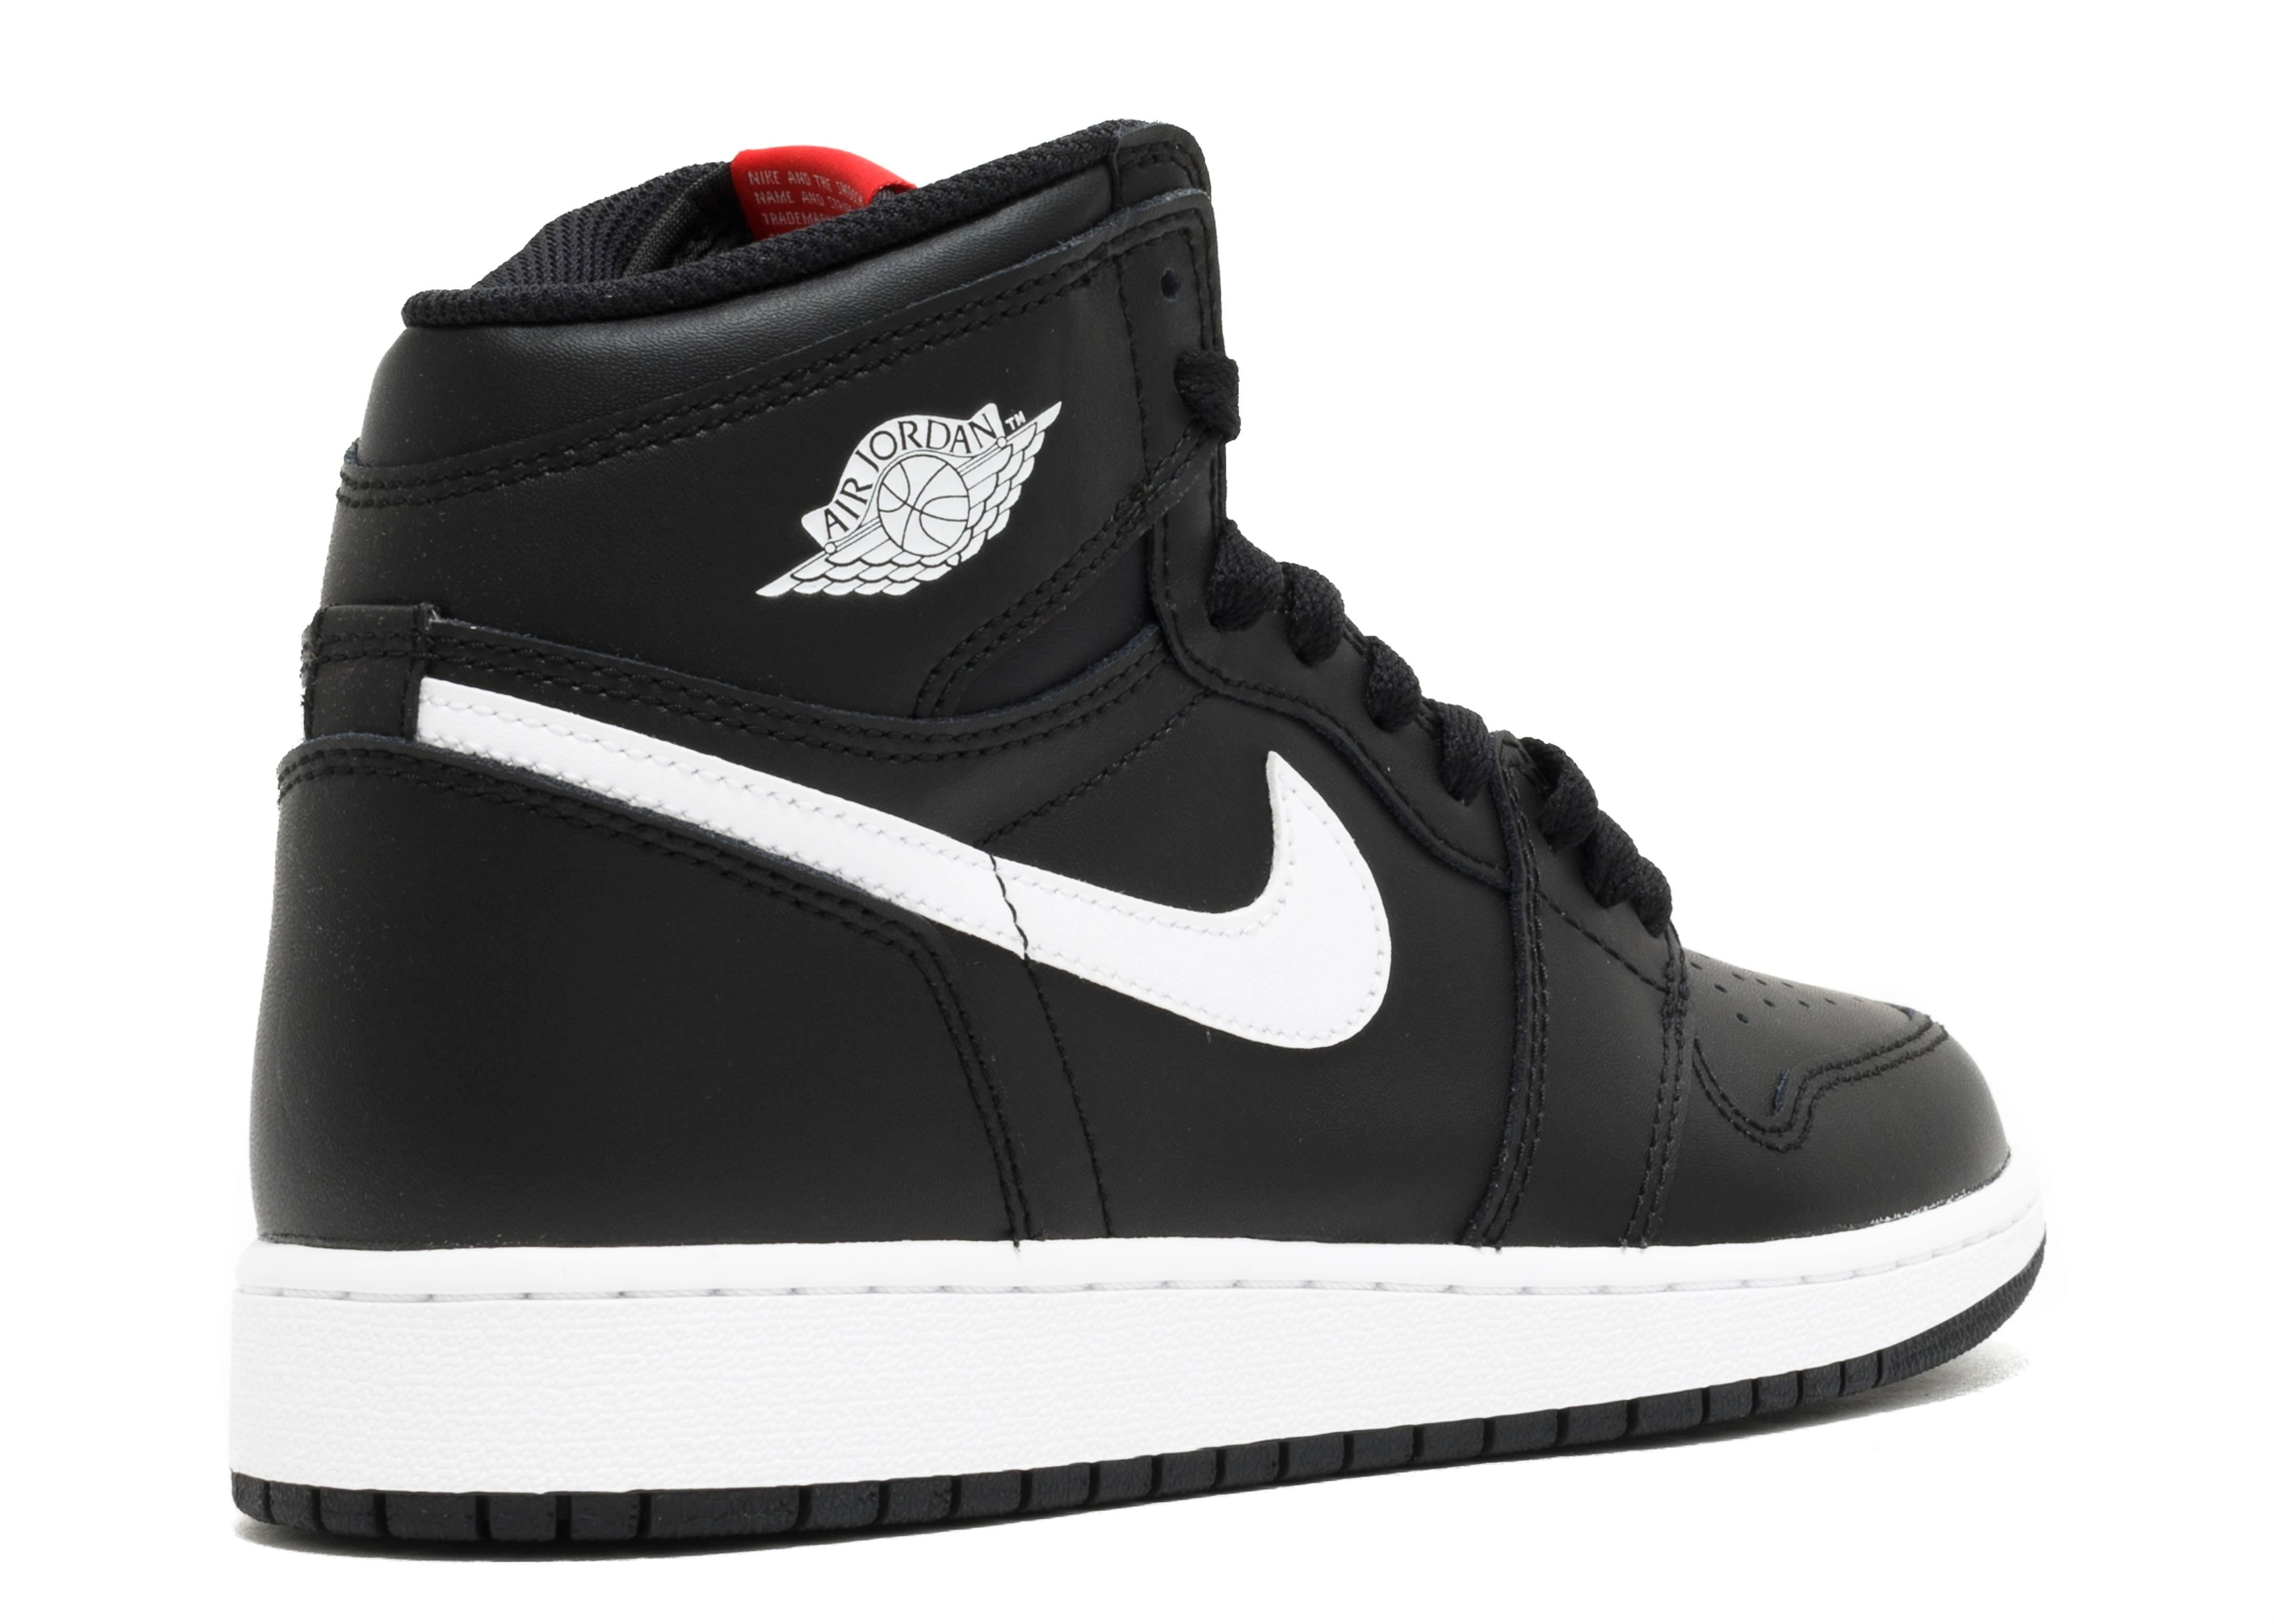 Nike Air Jordan Retro 1 High OG BG 575441-011 Yin Yang Black White Red GS NEW